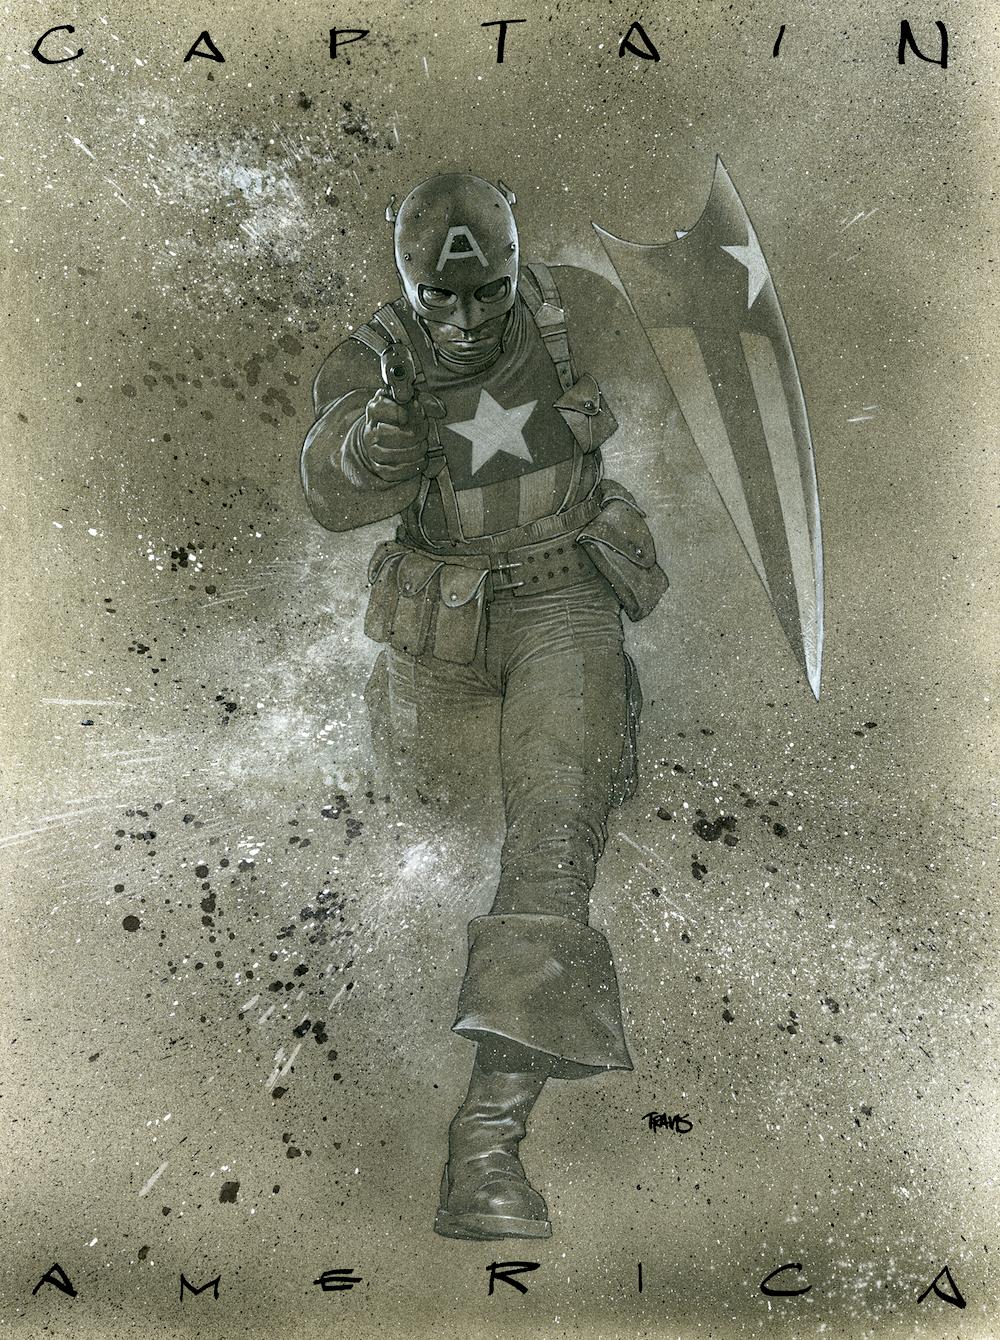 CaptainAmerica4.jpg